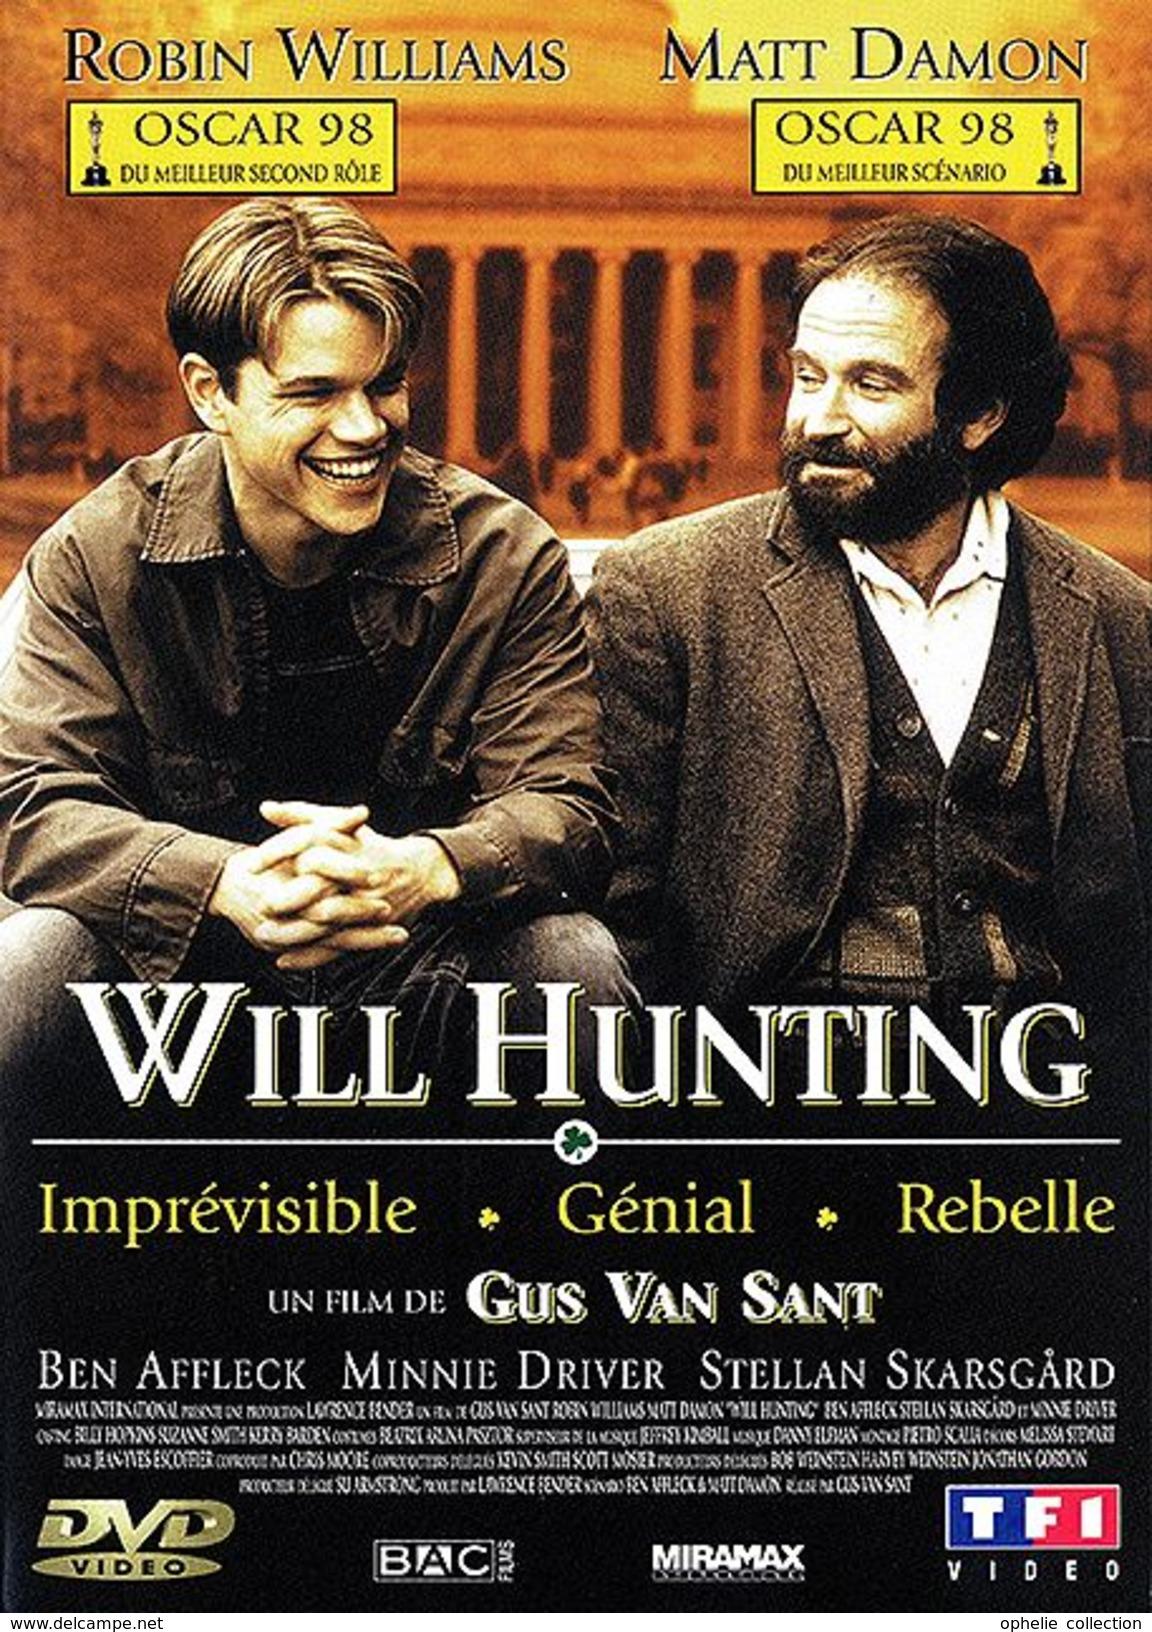 Will Hunting Gus Van Sant - Comédie